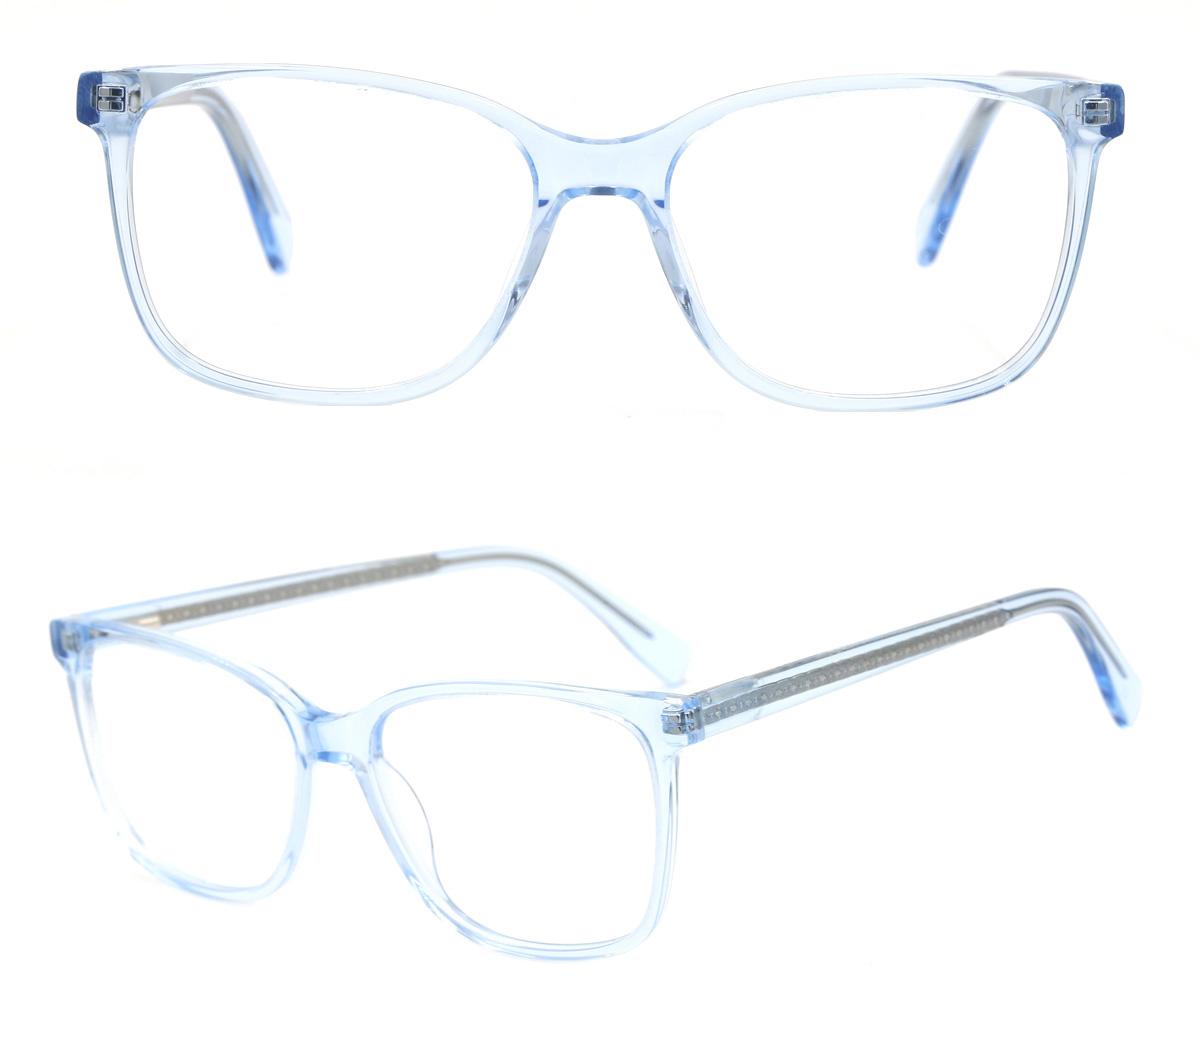 Clear Acetate Glasses Frames Wholesale,Transparent Optical Frames Manufacturer